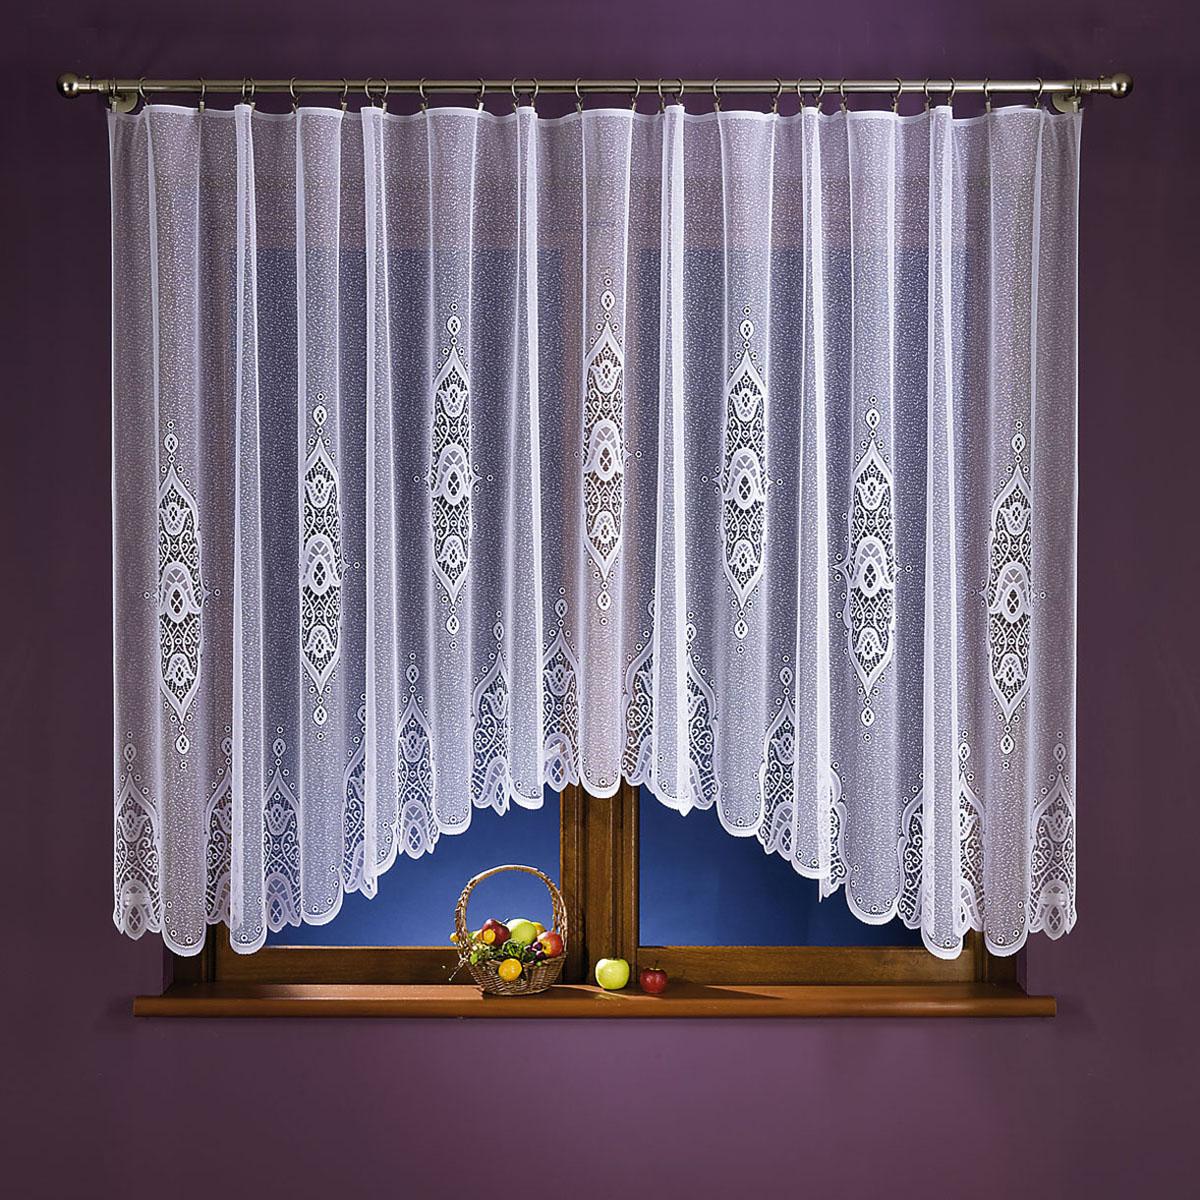 Гардина Wisan, цвет: белый, высота 160 см. 153А666044-1Гардина Wisan, выполненная из легкого полиэстера, станет великолепным украшением окна в спальне или гостиной. Качественный материал, тонкое плетение и оригинальный дизайн привлекут к себе внимание и позволят гардине органично вписаться в интерьер помещения.Вид крепления - под зажимы для штор.